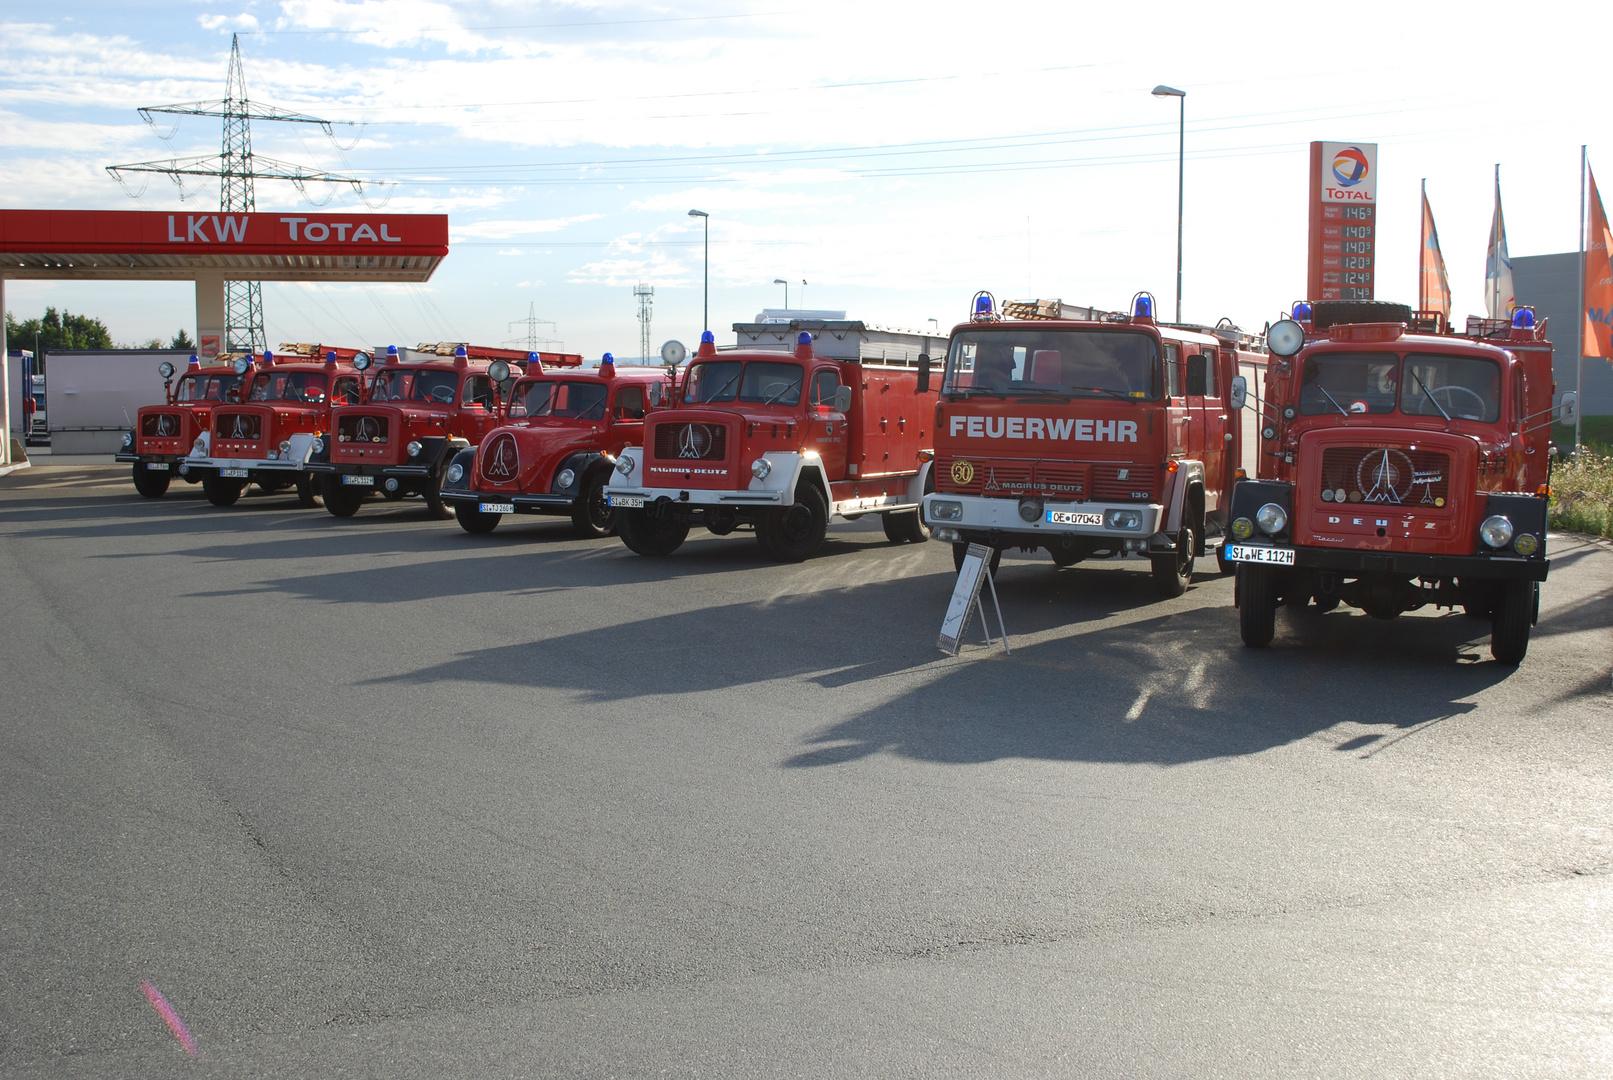 Magirus Feuerwehrfahrzeuge treffen sich für Veranstaltung Deutz trifft Deutz in Westerburg Erlebnis